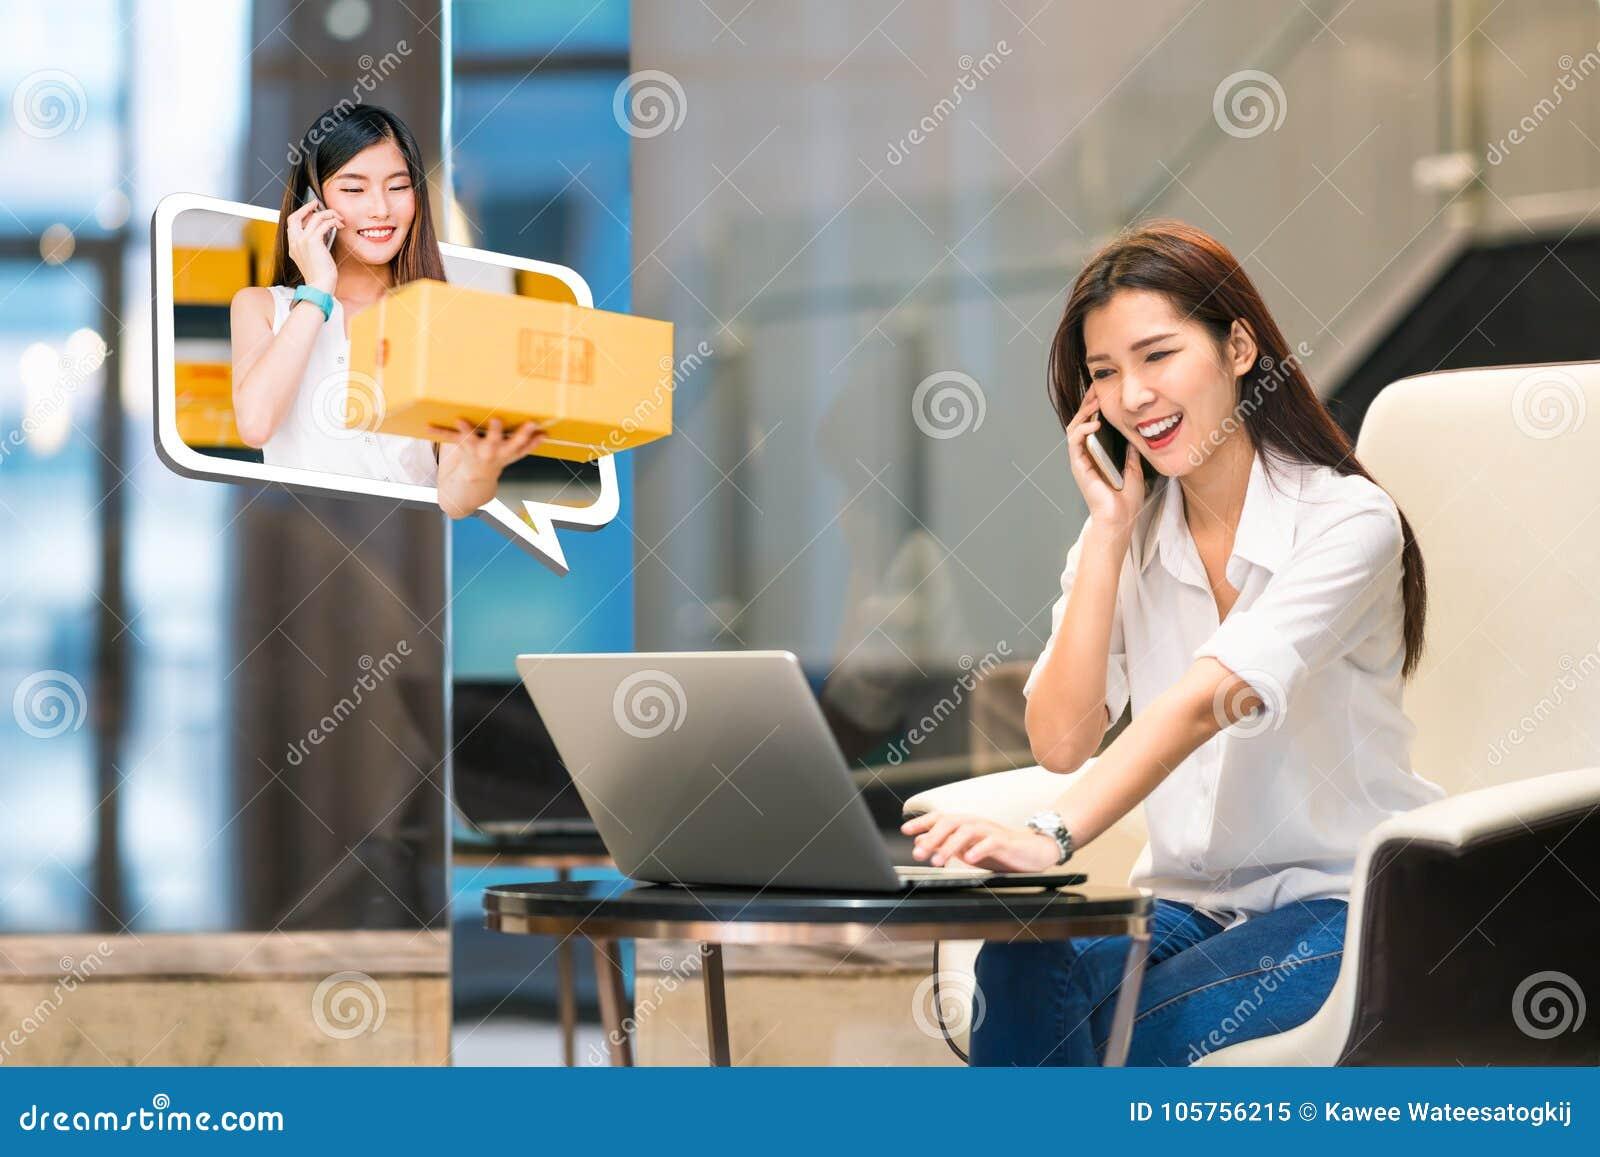 Asiatischer Mädchenshop online unter Verwendung des Telefonanrufs mit dem weiblichen Kleinunternehmer, der Paketkasten liefert In